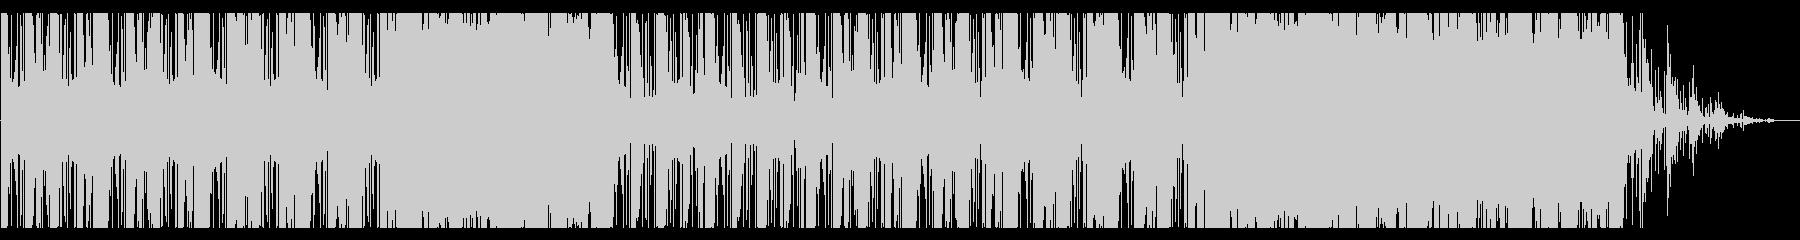 映画/壮大/力強いBGM_No394の未再生の波形